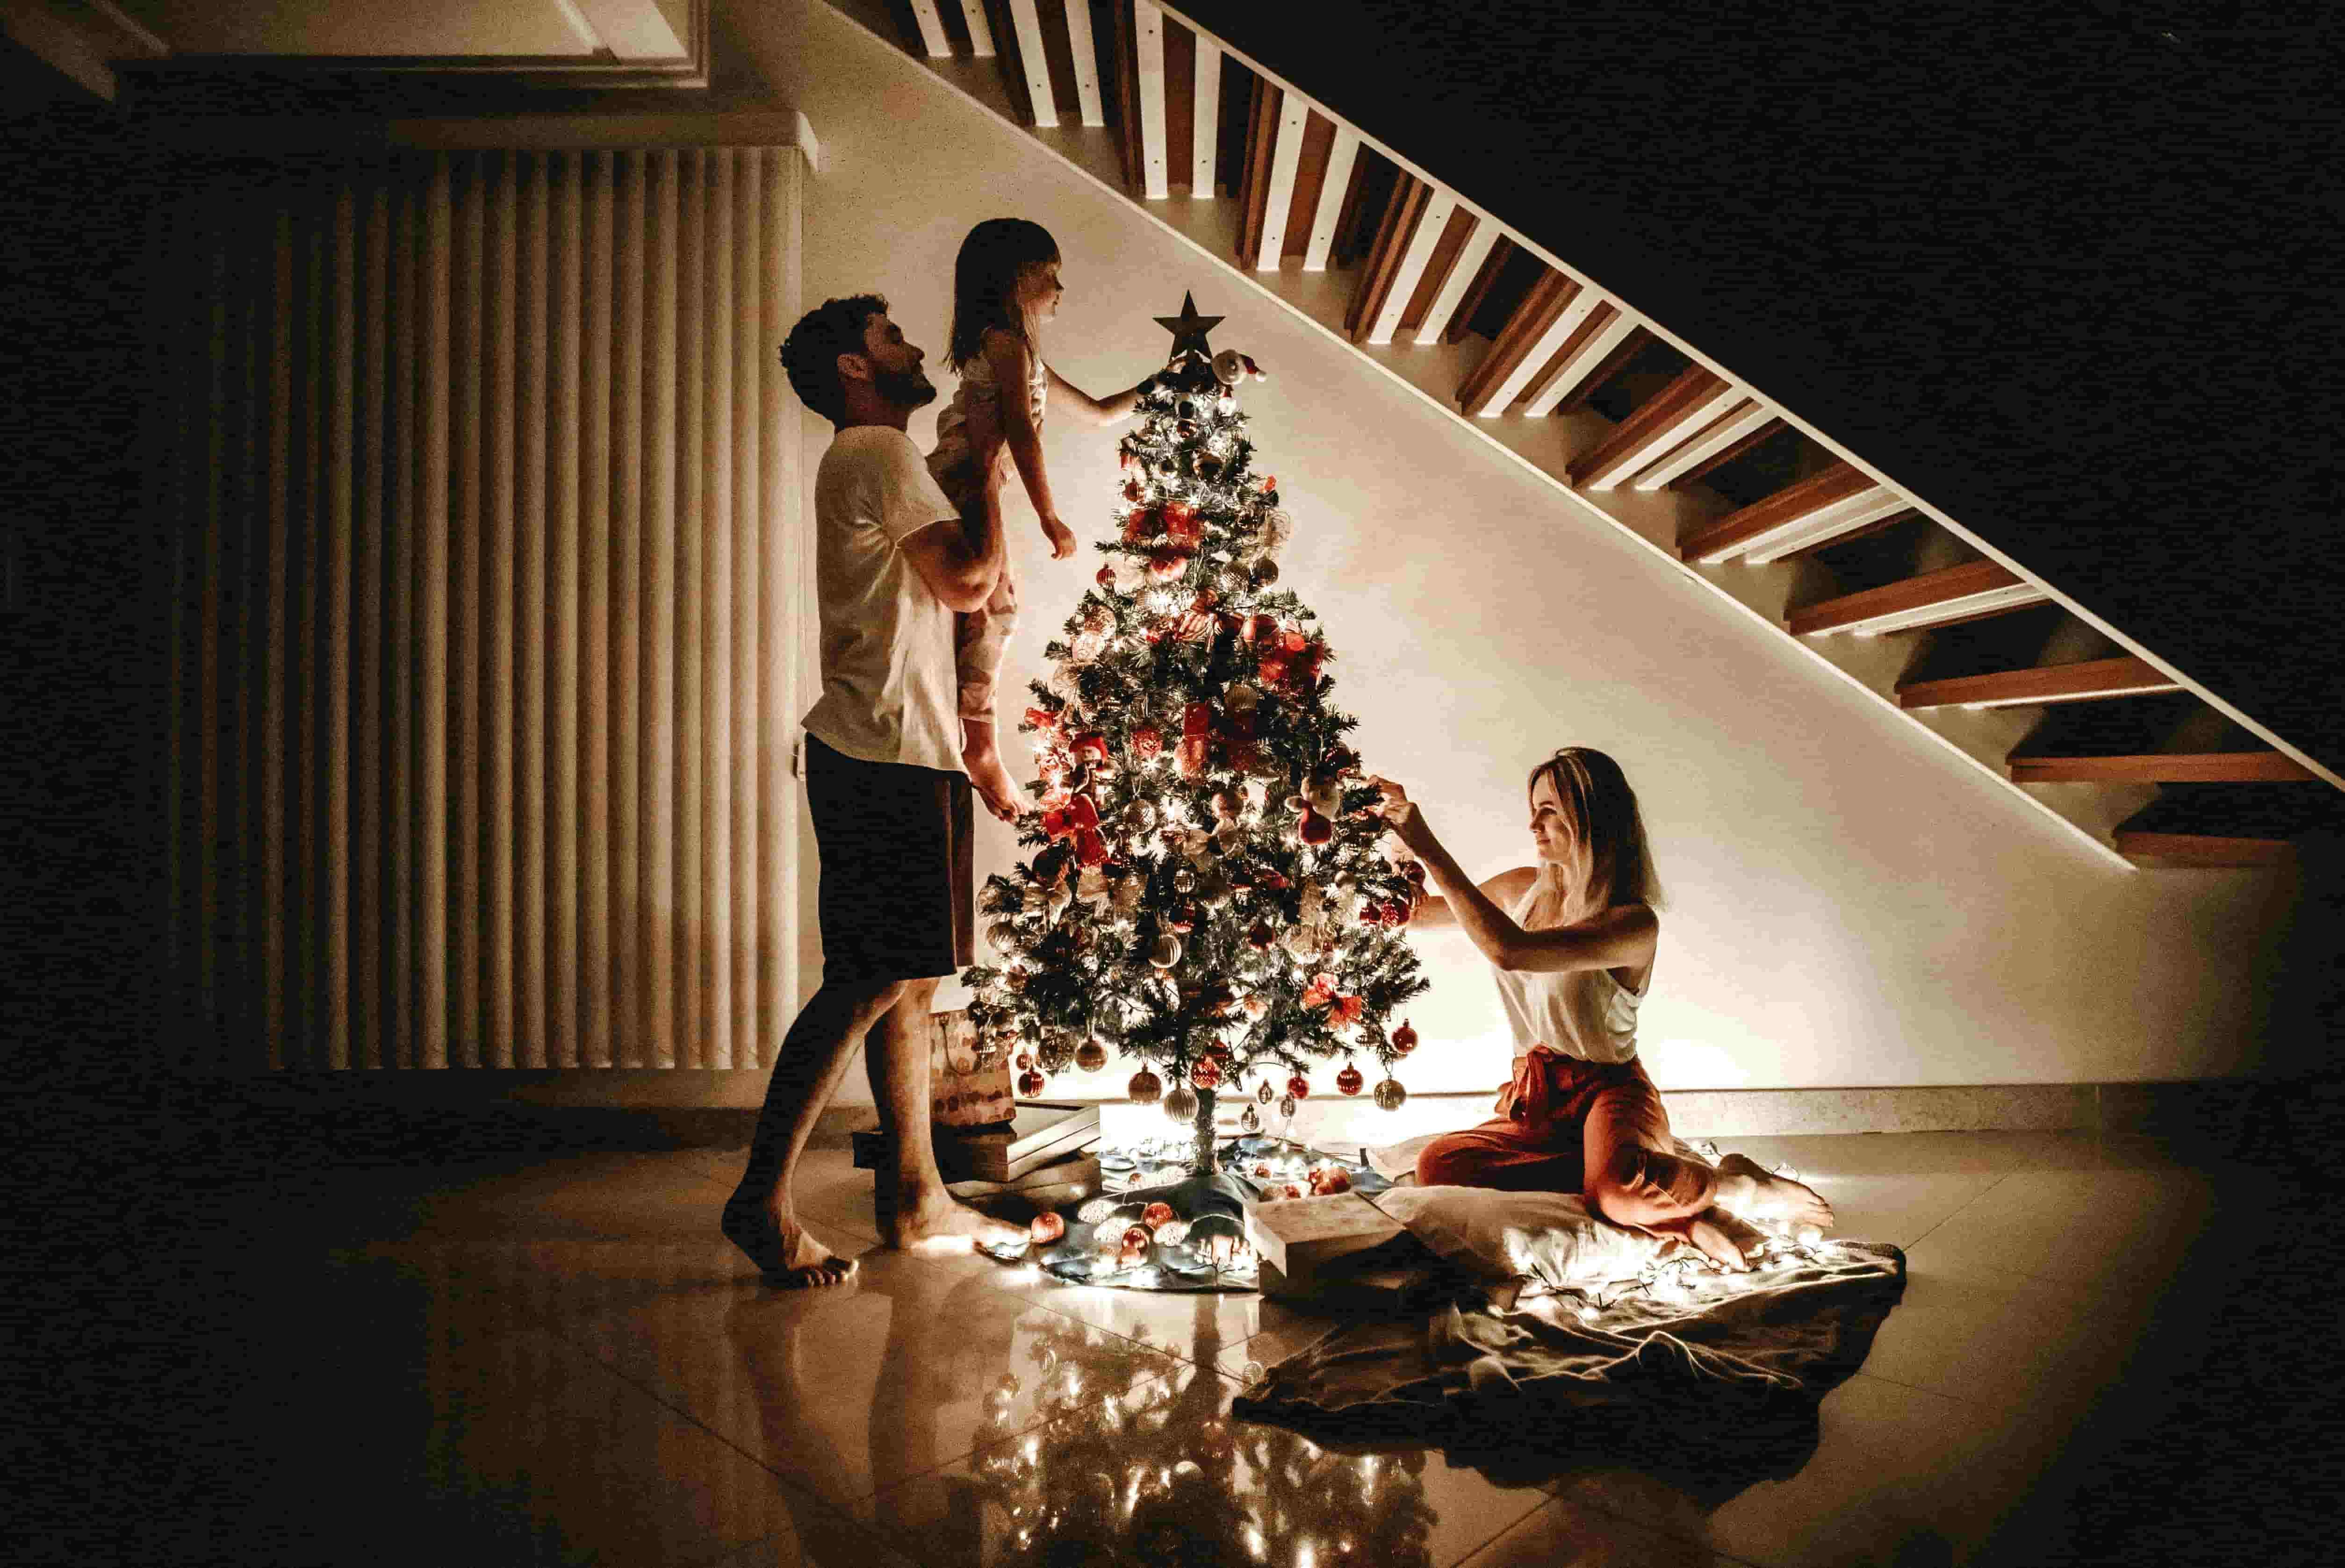 別再只知道Merry X'mas了!12句英文聖誕祝福語,暖心聖誕卡這樣寫   聖誕節, merry, xmas   生活發現   妞新聞 niusnews